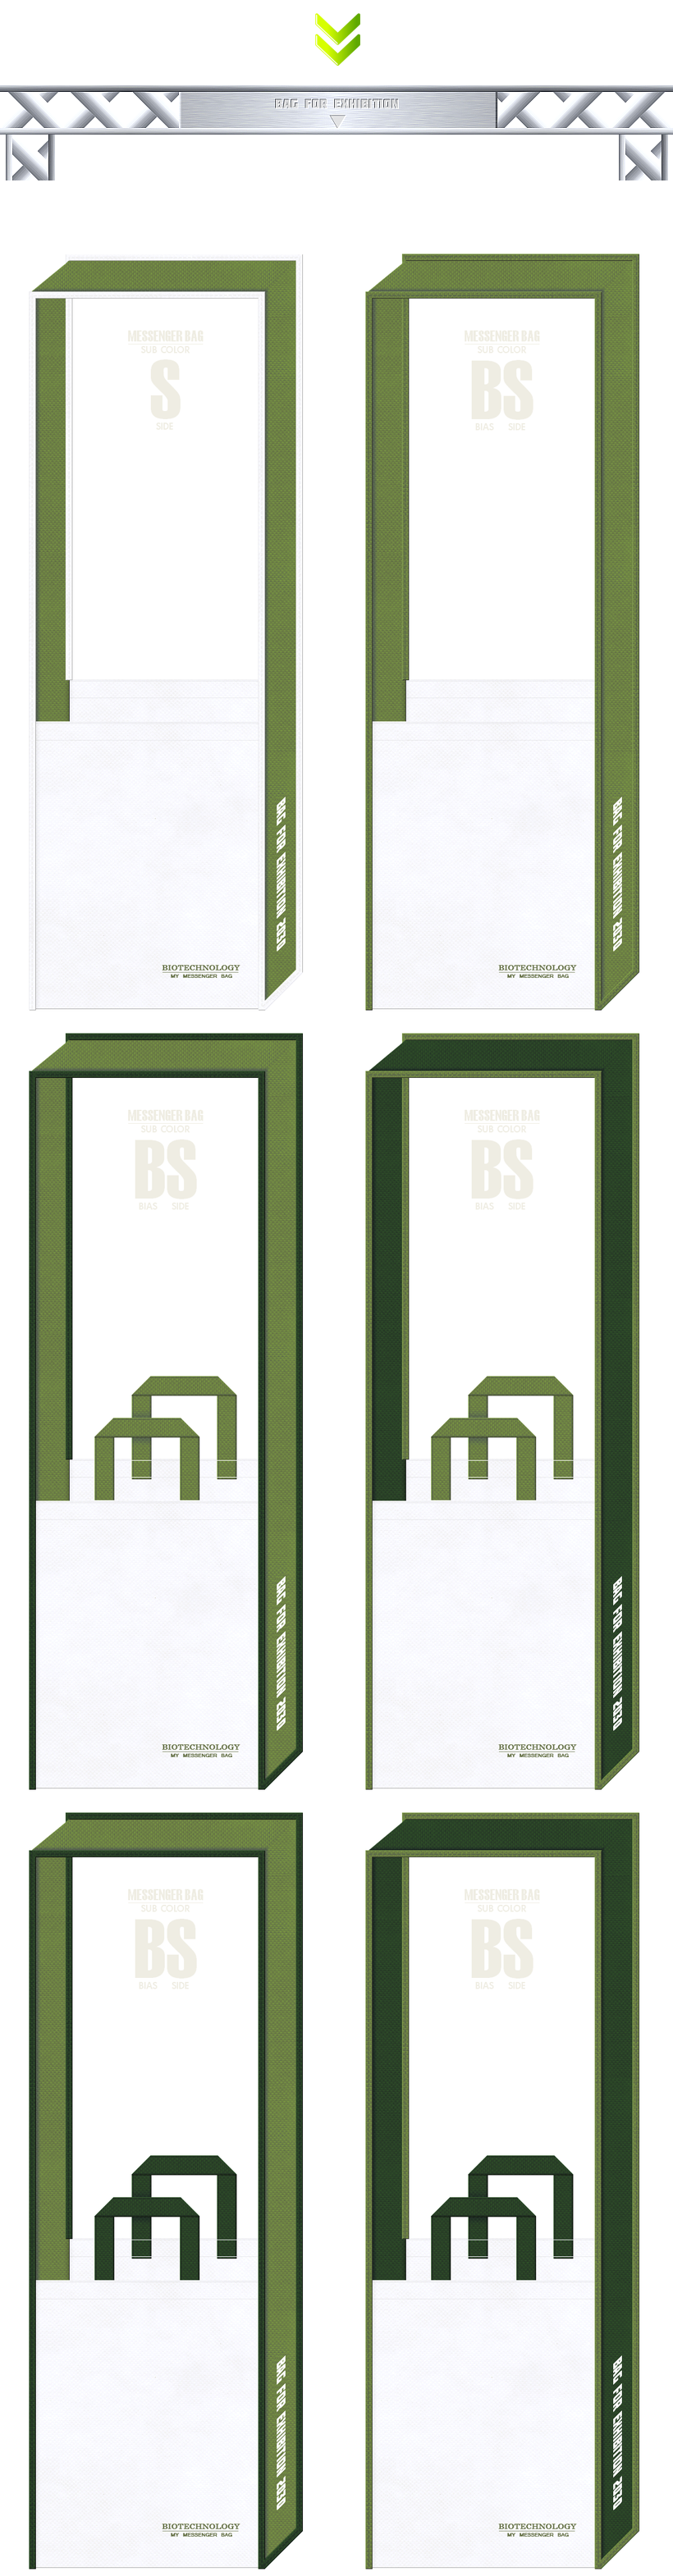 白色と草色をメインに使用した、不織布メッセンジャーバッグのカラーシミュレーション(バイオテクノロジー):バイオ産業の展示会用バッグ